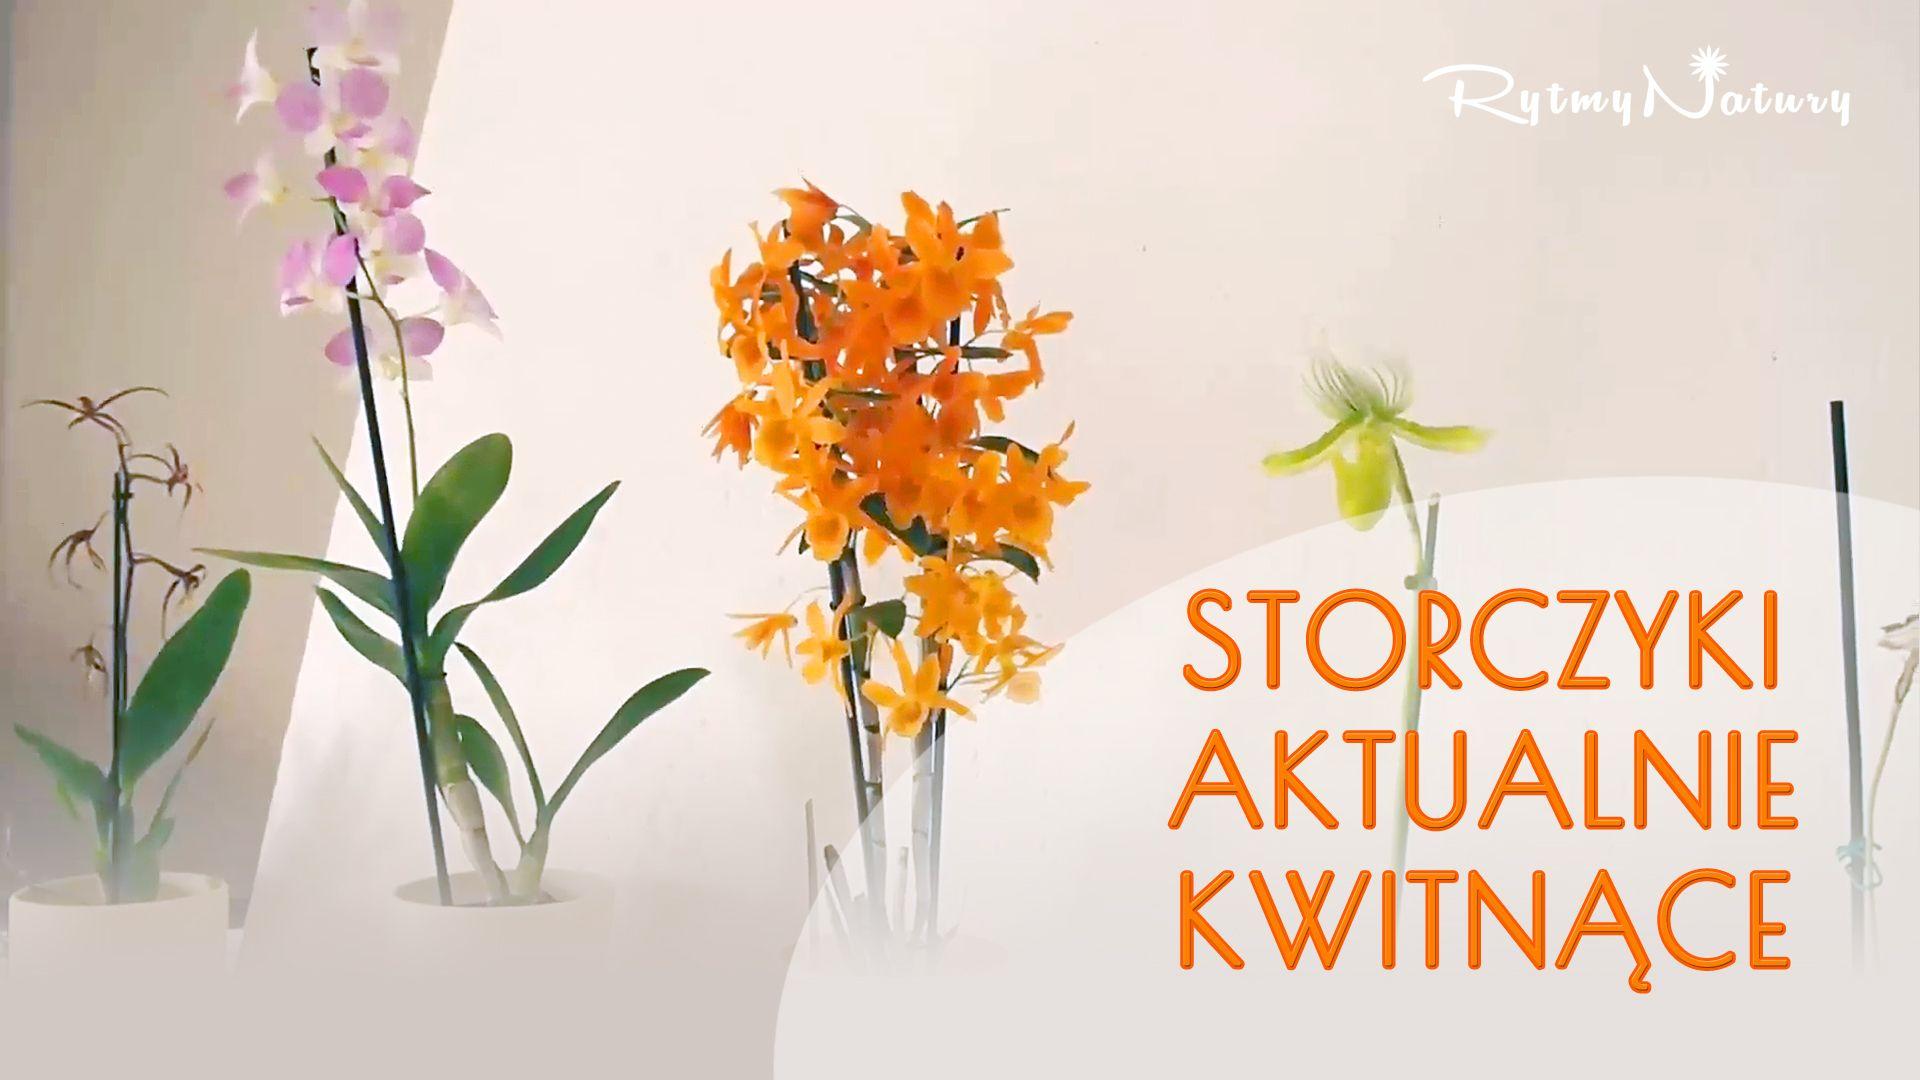 Zbliza Sie Zima A Niektore Moje Storczyki Kwitna Co Wiecej Prawie Wszystkie Phalaenopsisy Powypuszczaly Pedy Kwiatowe Ja Home Decor Decals Plants Glass Vase